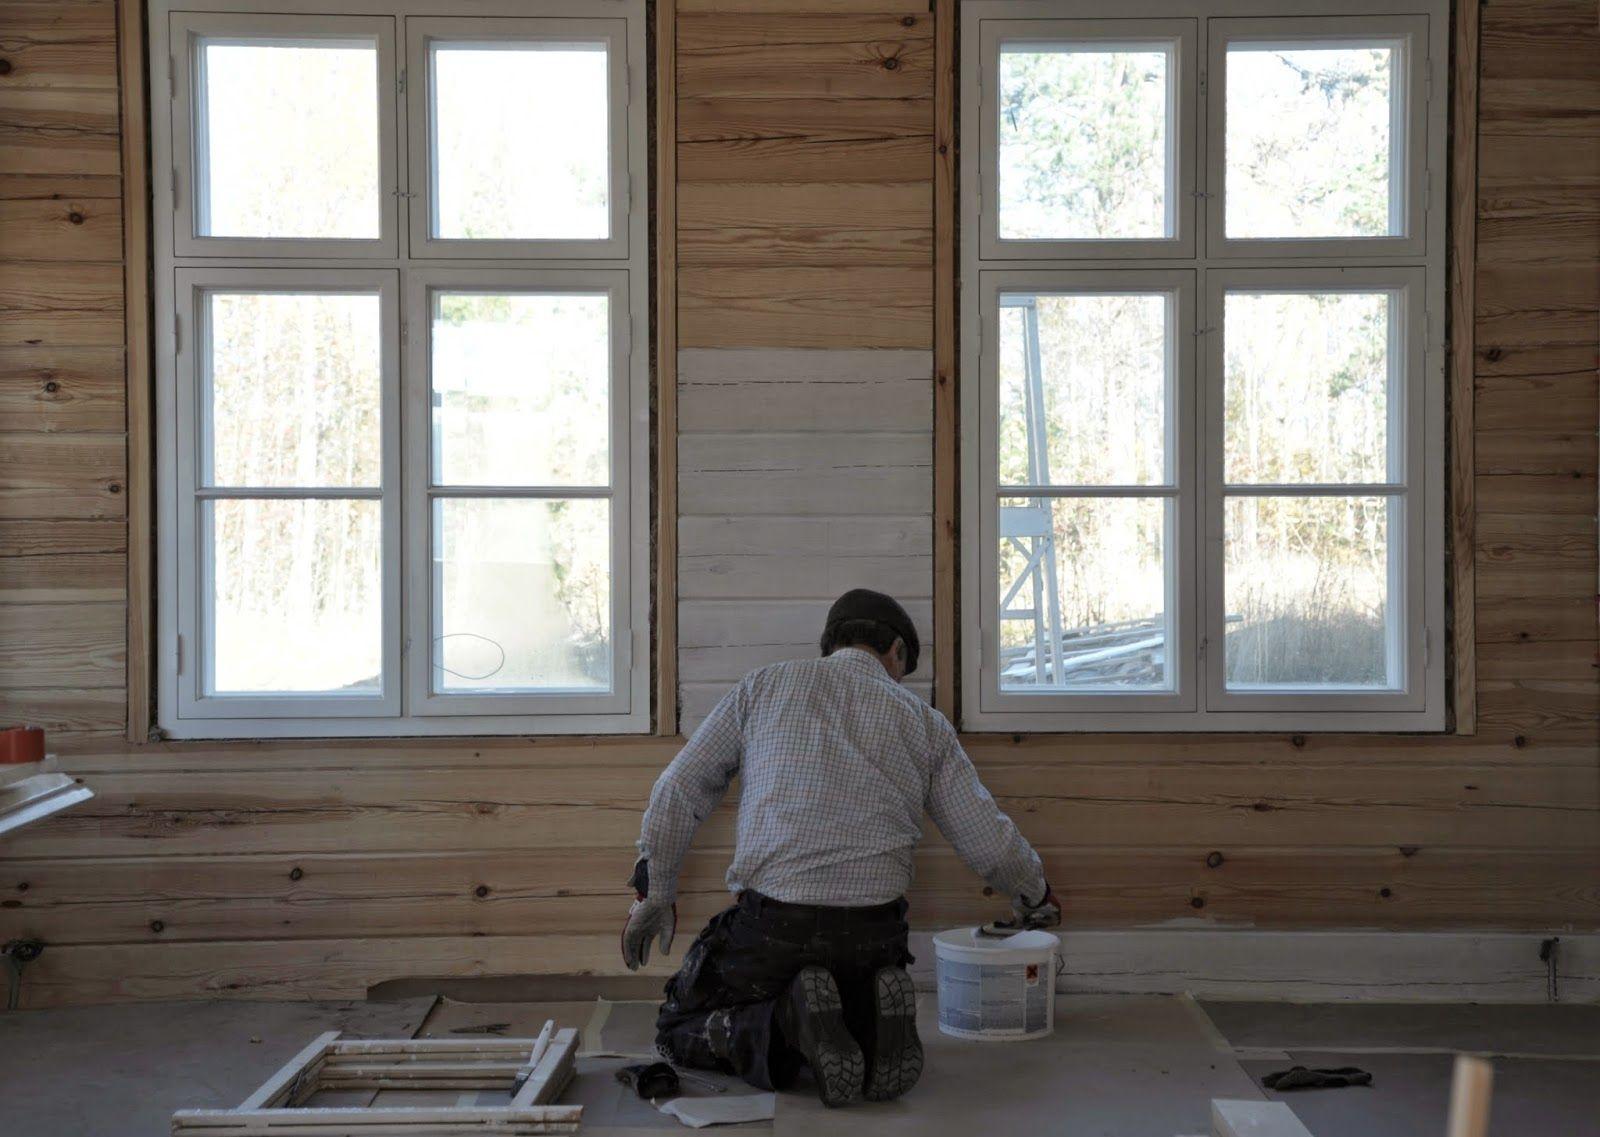 Pömpeli -blogissa maalattiin salin hirsiseiniä valkoisella Lumi-sävyllä. Tavoitteena oli saada hieman kuultava pinta, joten seinät maalattiin vain kertaalleen. Walls painted with Country French Lumi (Snow) by a blogger. Products suit well for wooden walls as they are breathable and traditional.